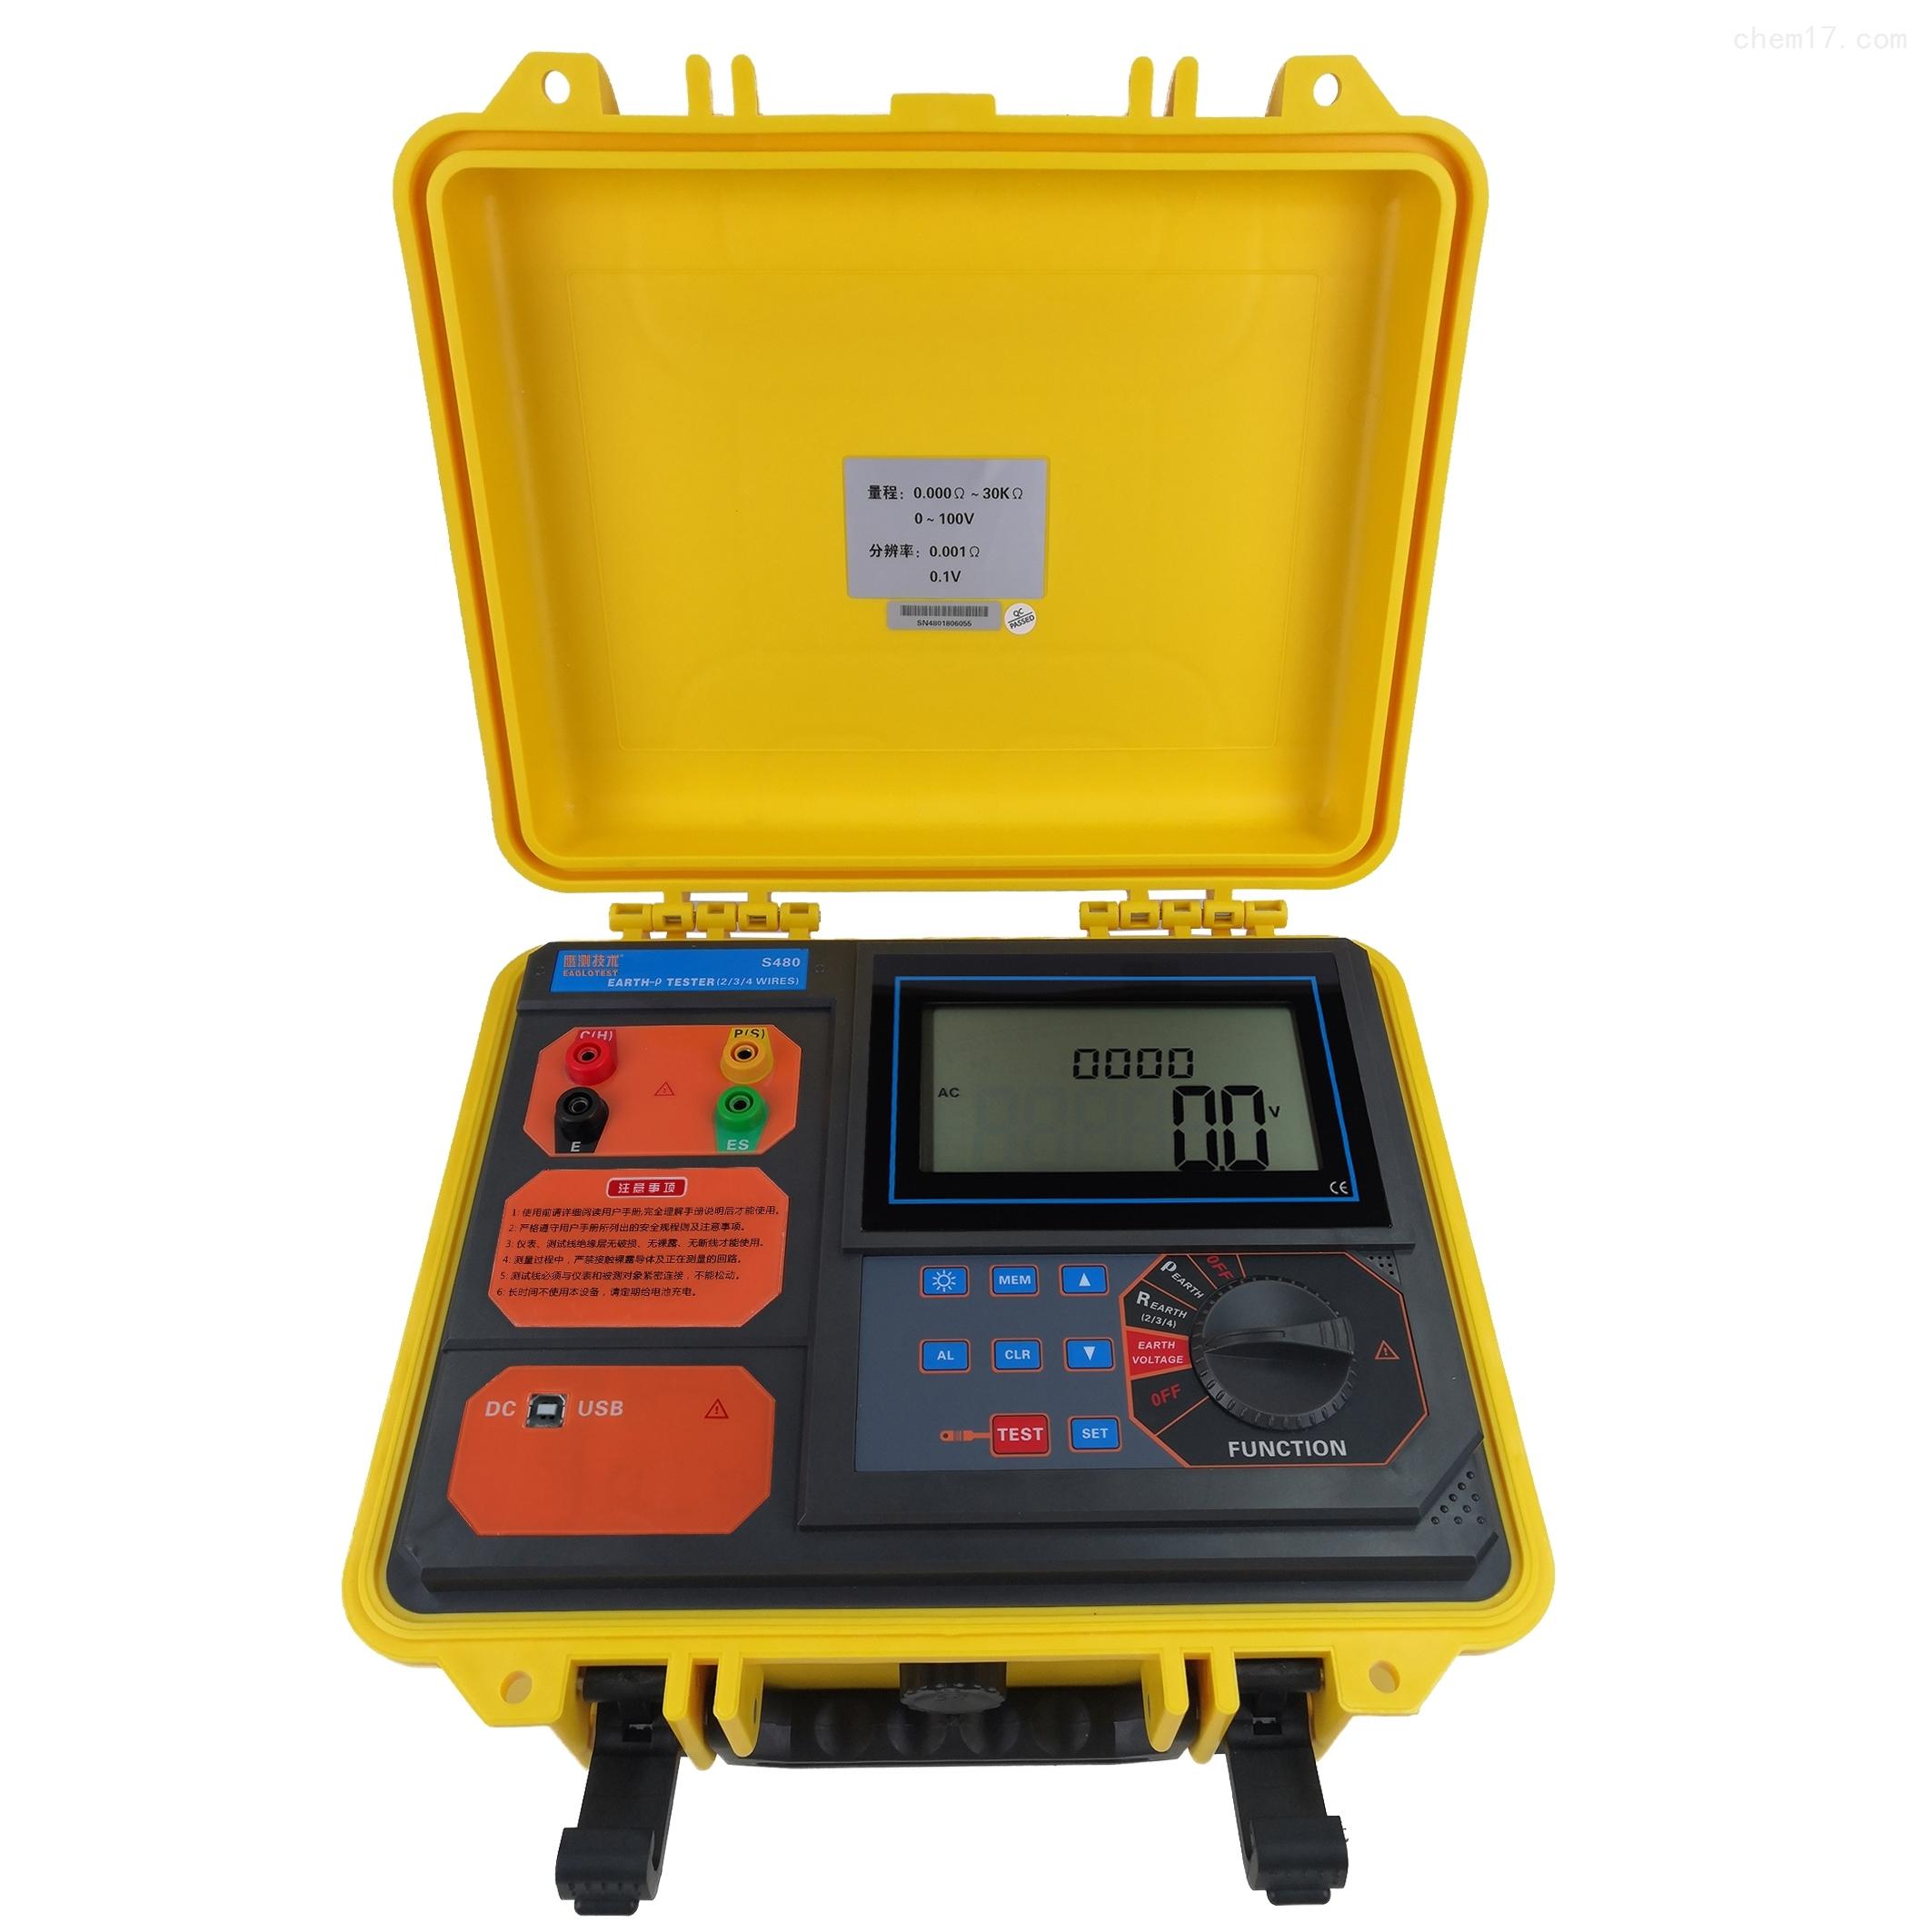 接地电阻•土壤电阻率测试仪